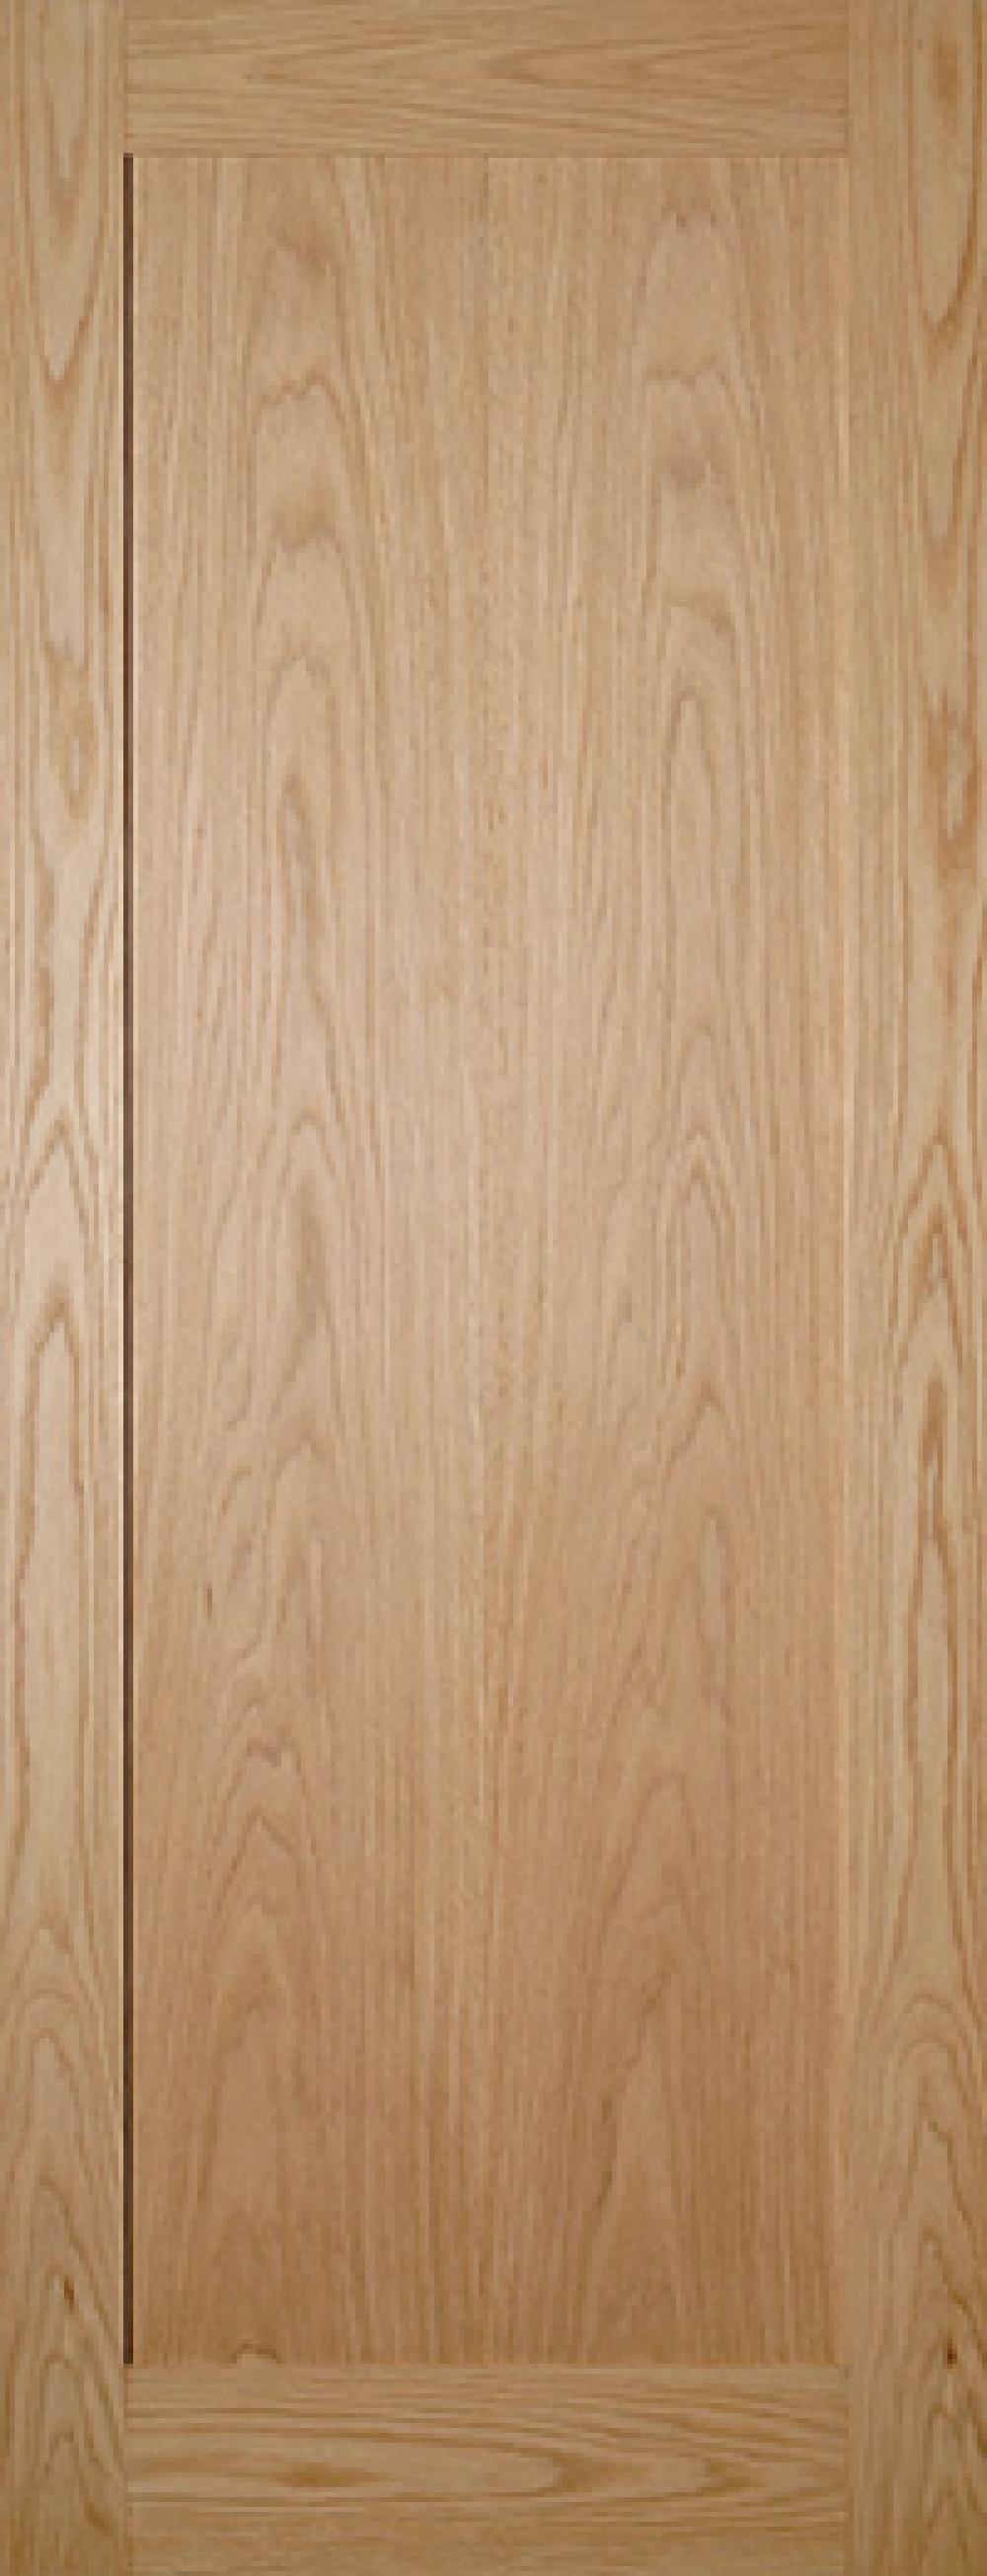 Walden Oak Door